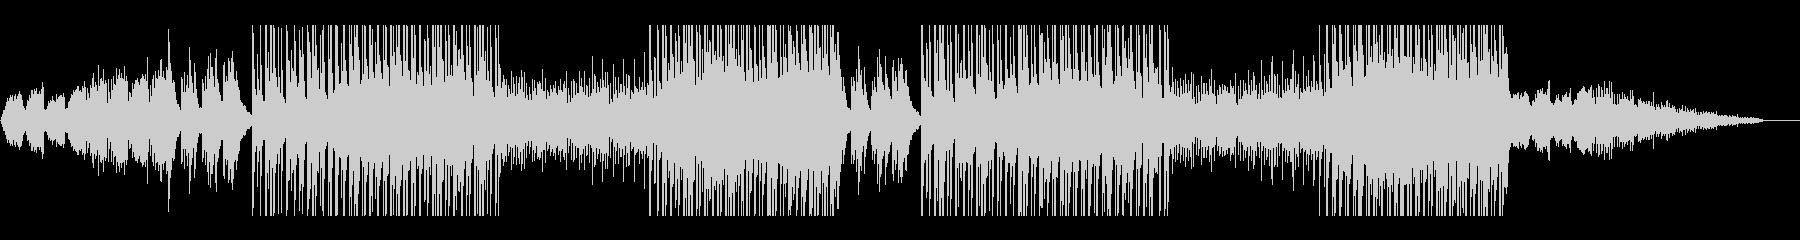 ピアノと弦楽器を使用した切ないトラックの未再生の波形